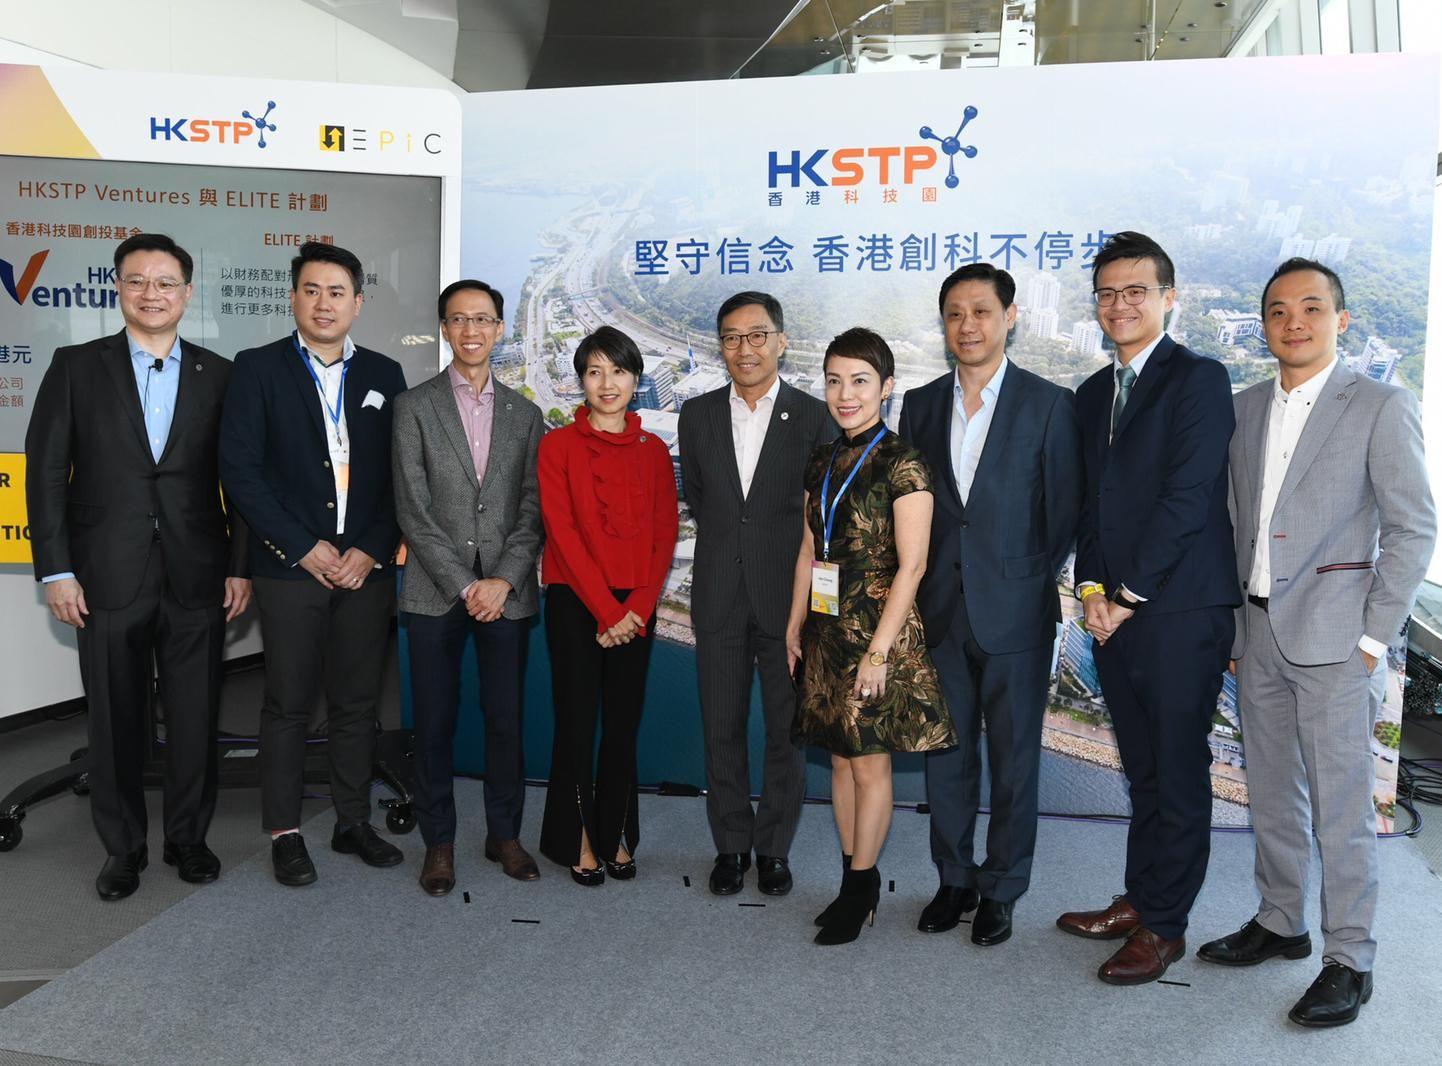 科技园CEO黄克强:投资气氛较以往差 但暂未出现退租潮